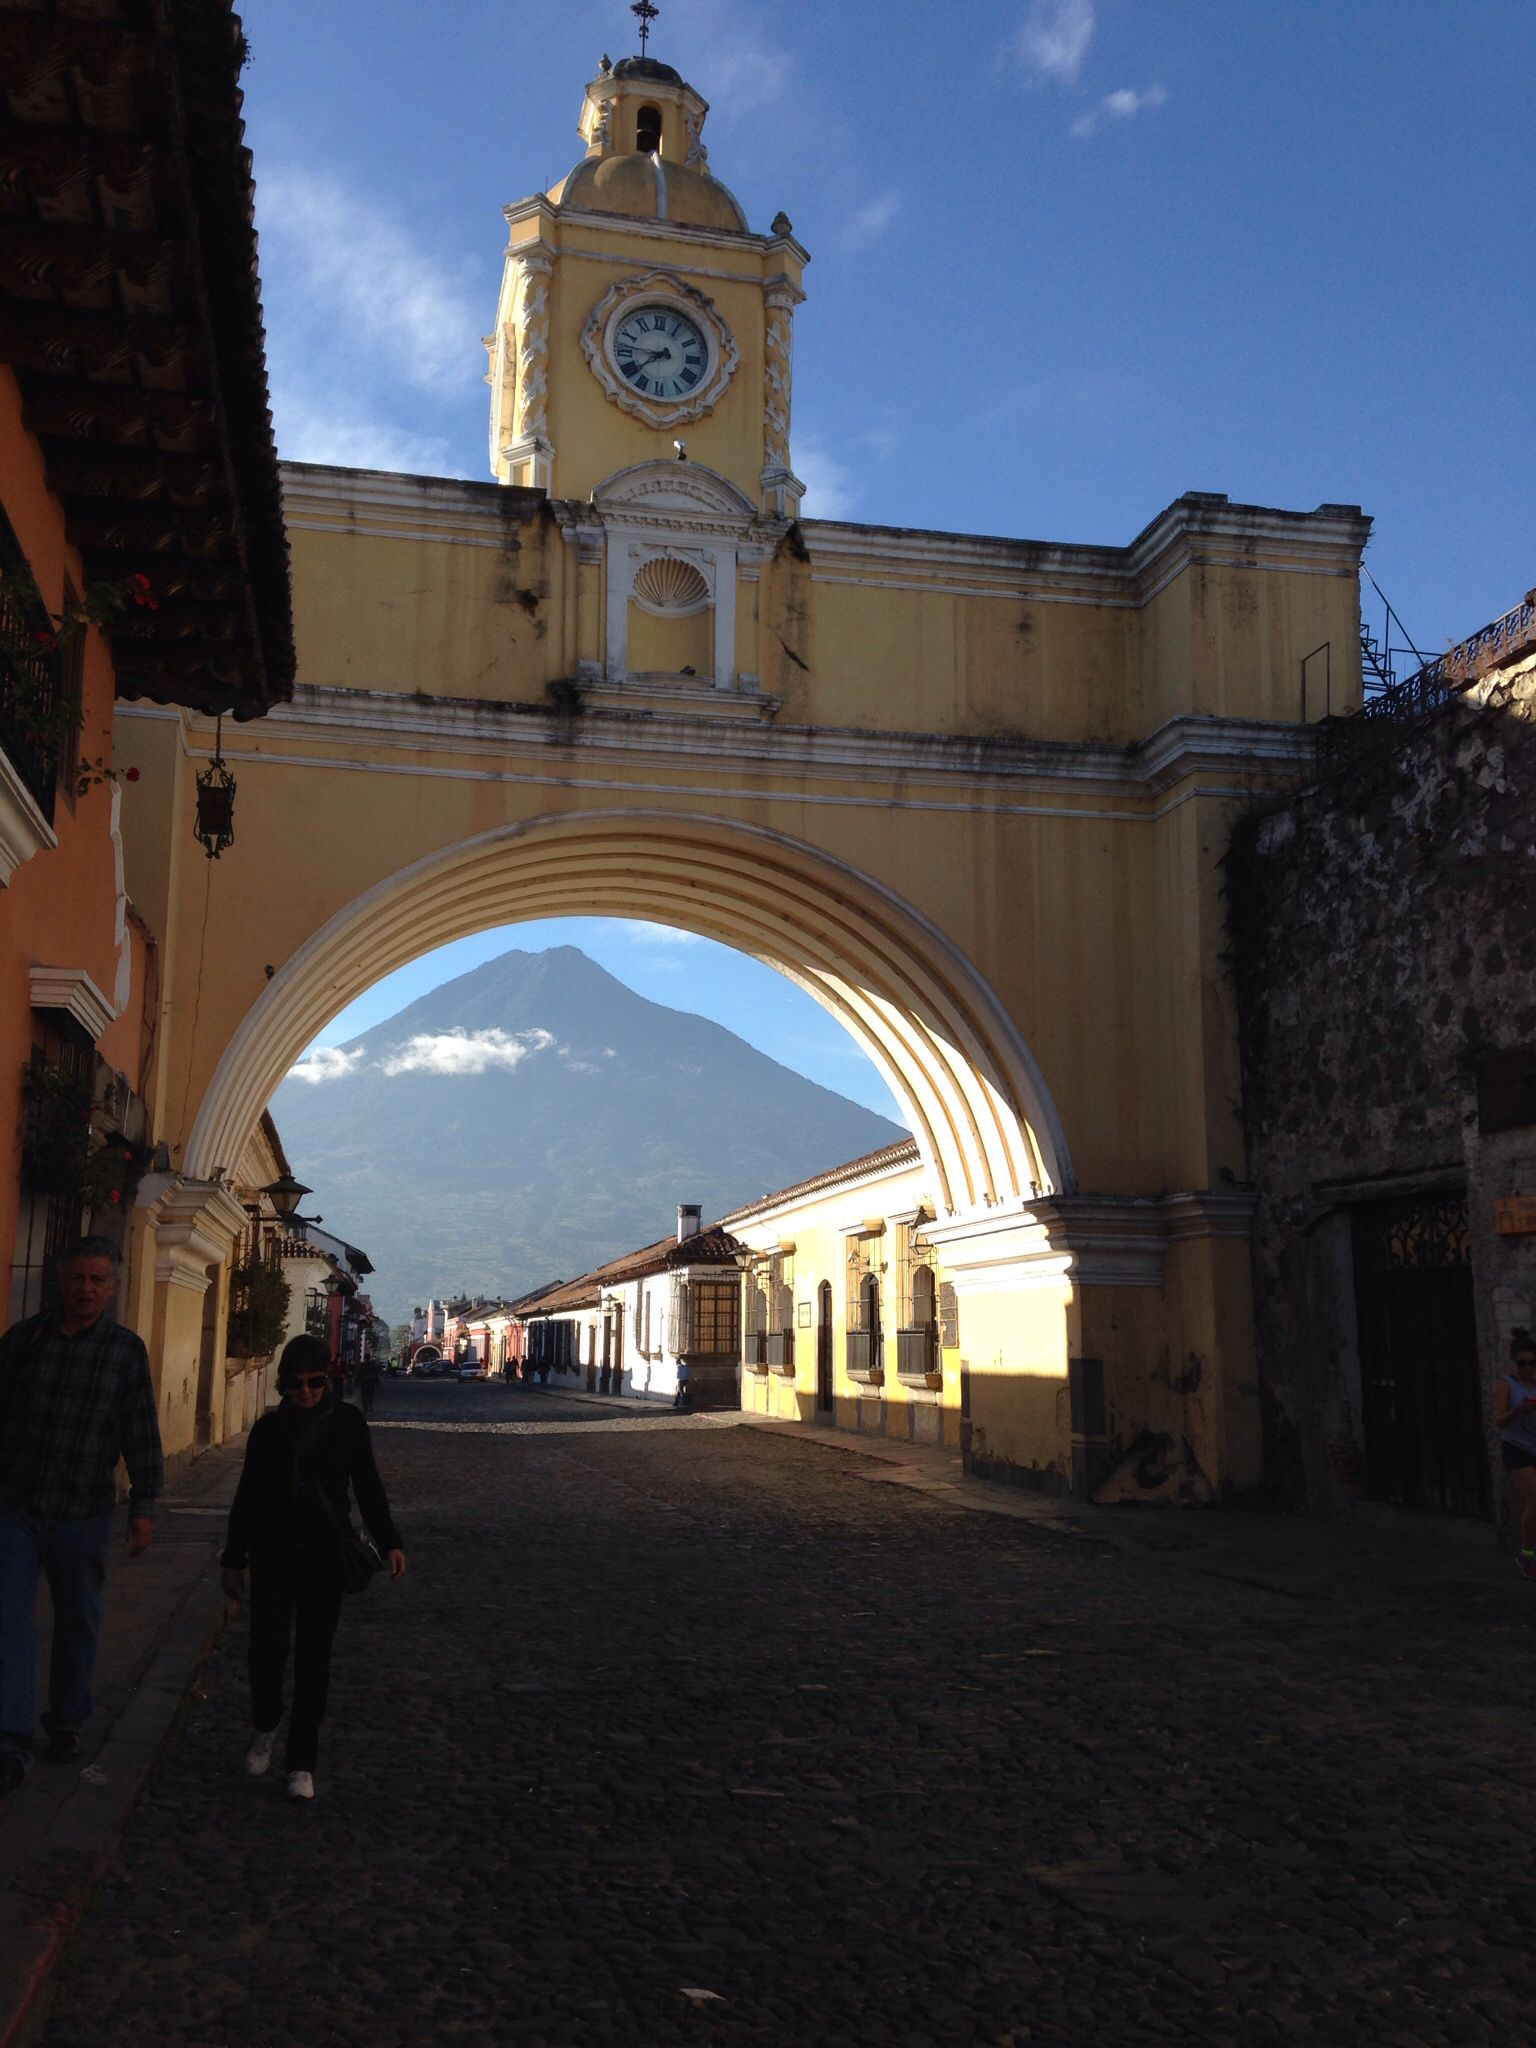 Antigua, Guatemala Diciembre 2013